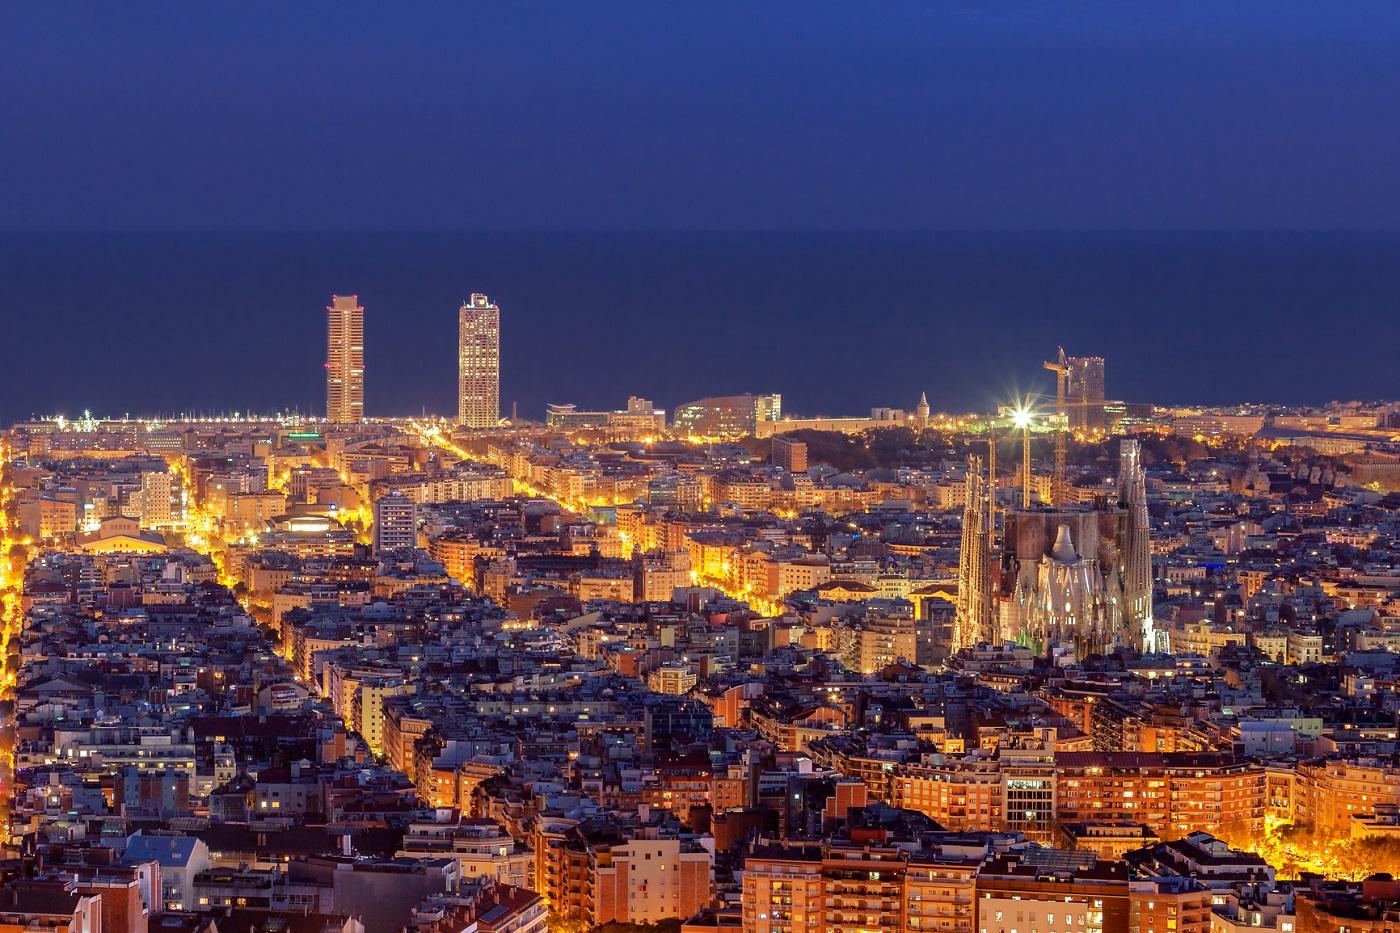 vuelos baratos a espana: